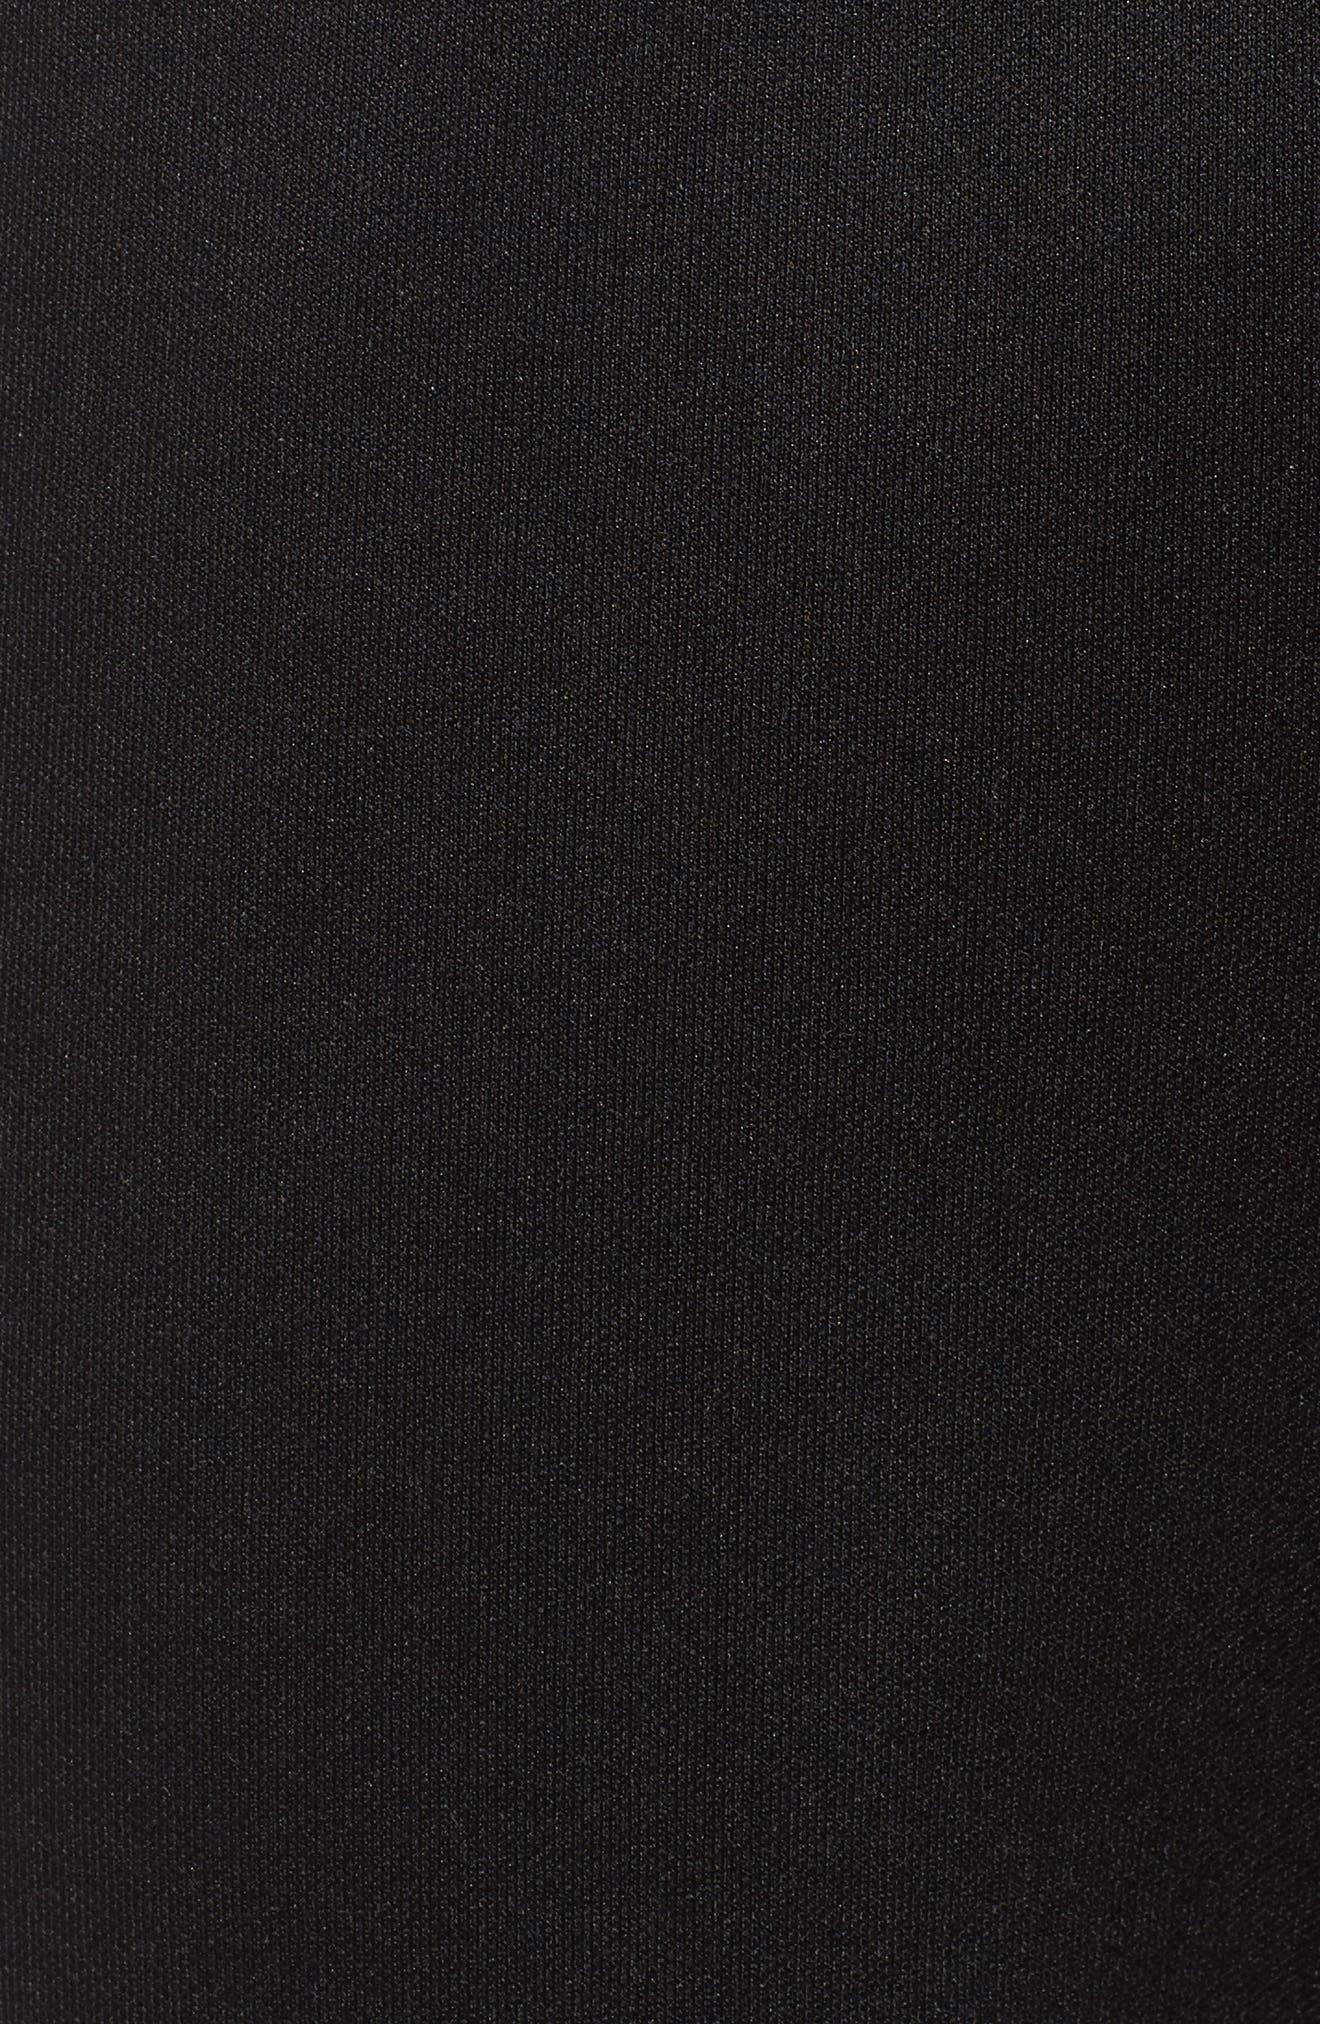 Tiro 17 Training Pants,                             Alternate thumbnail 5, color,                             Black/ White